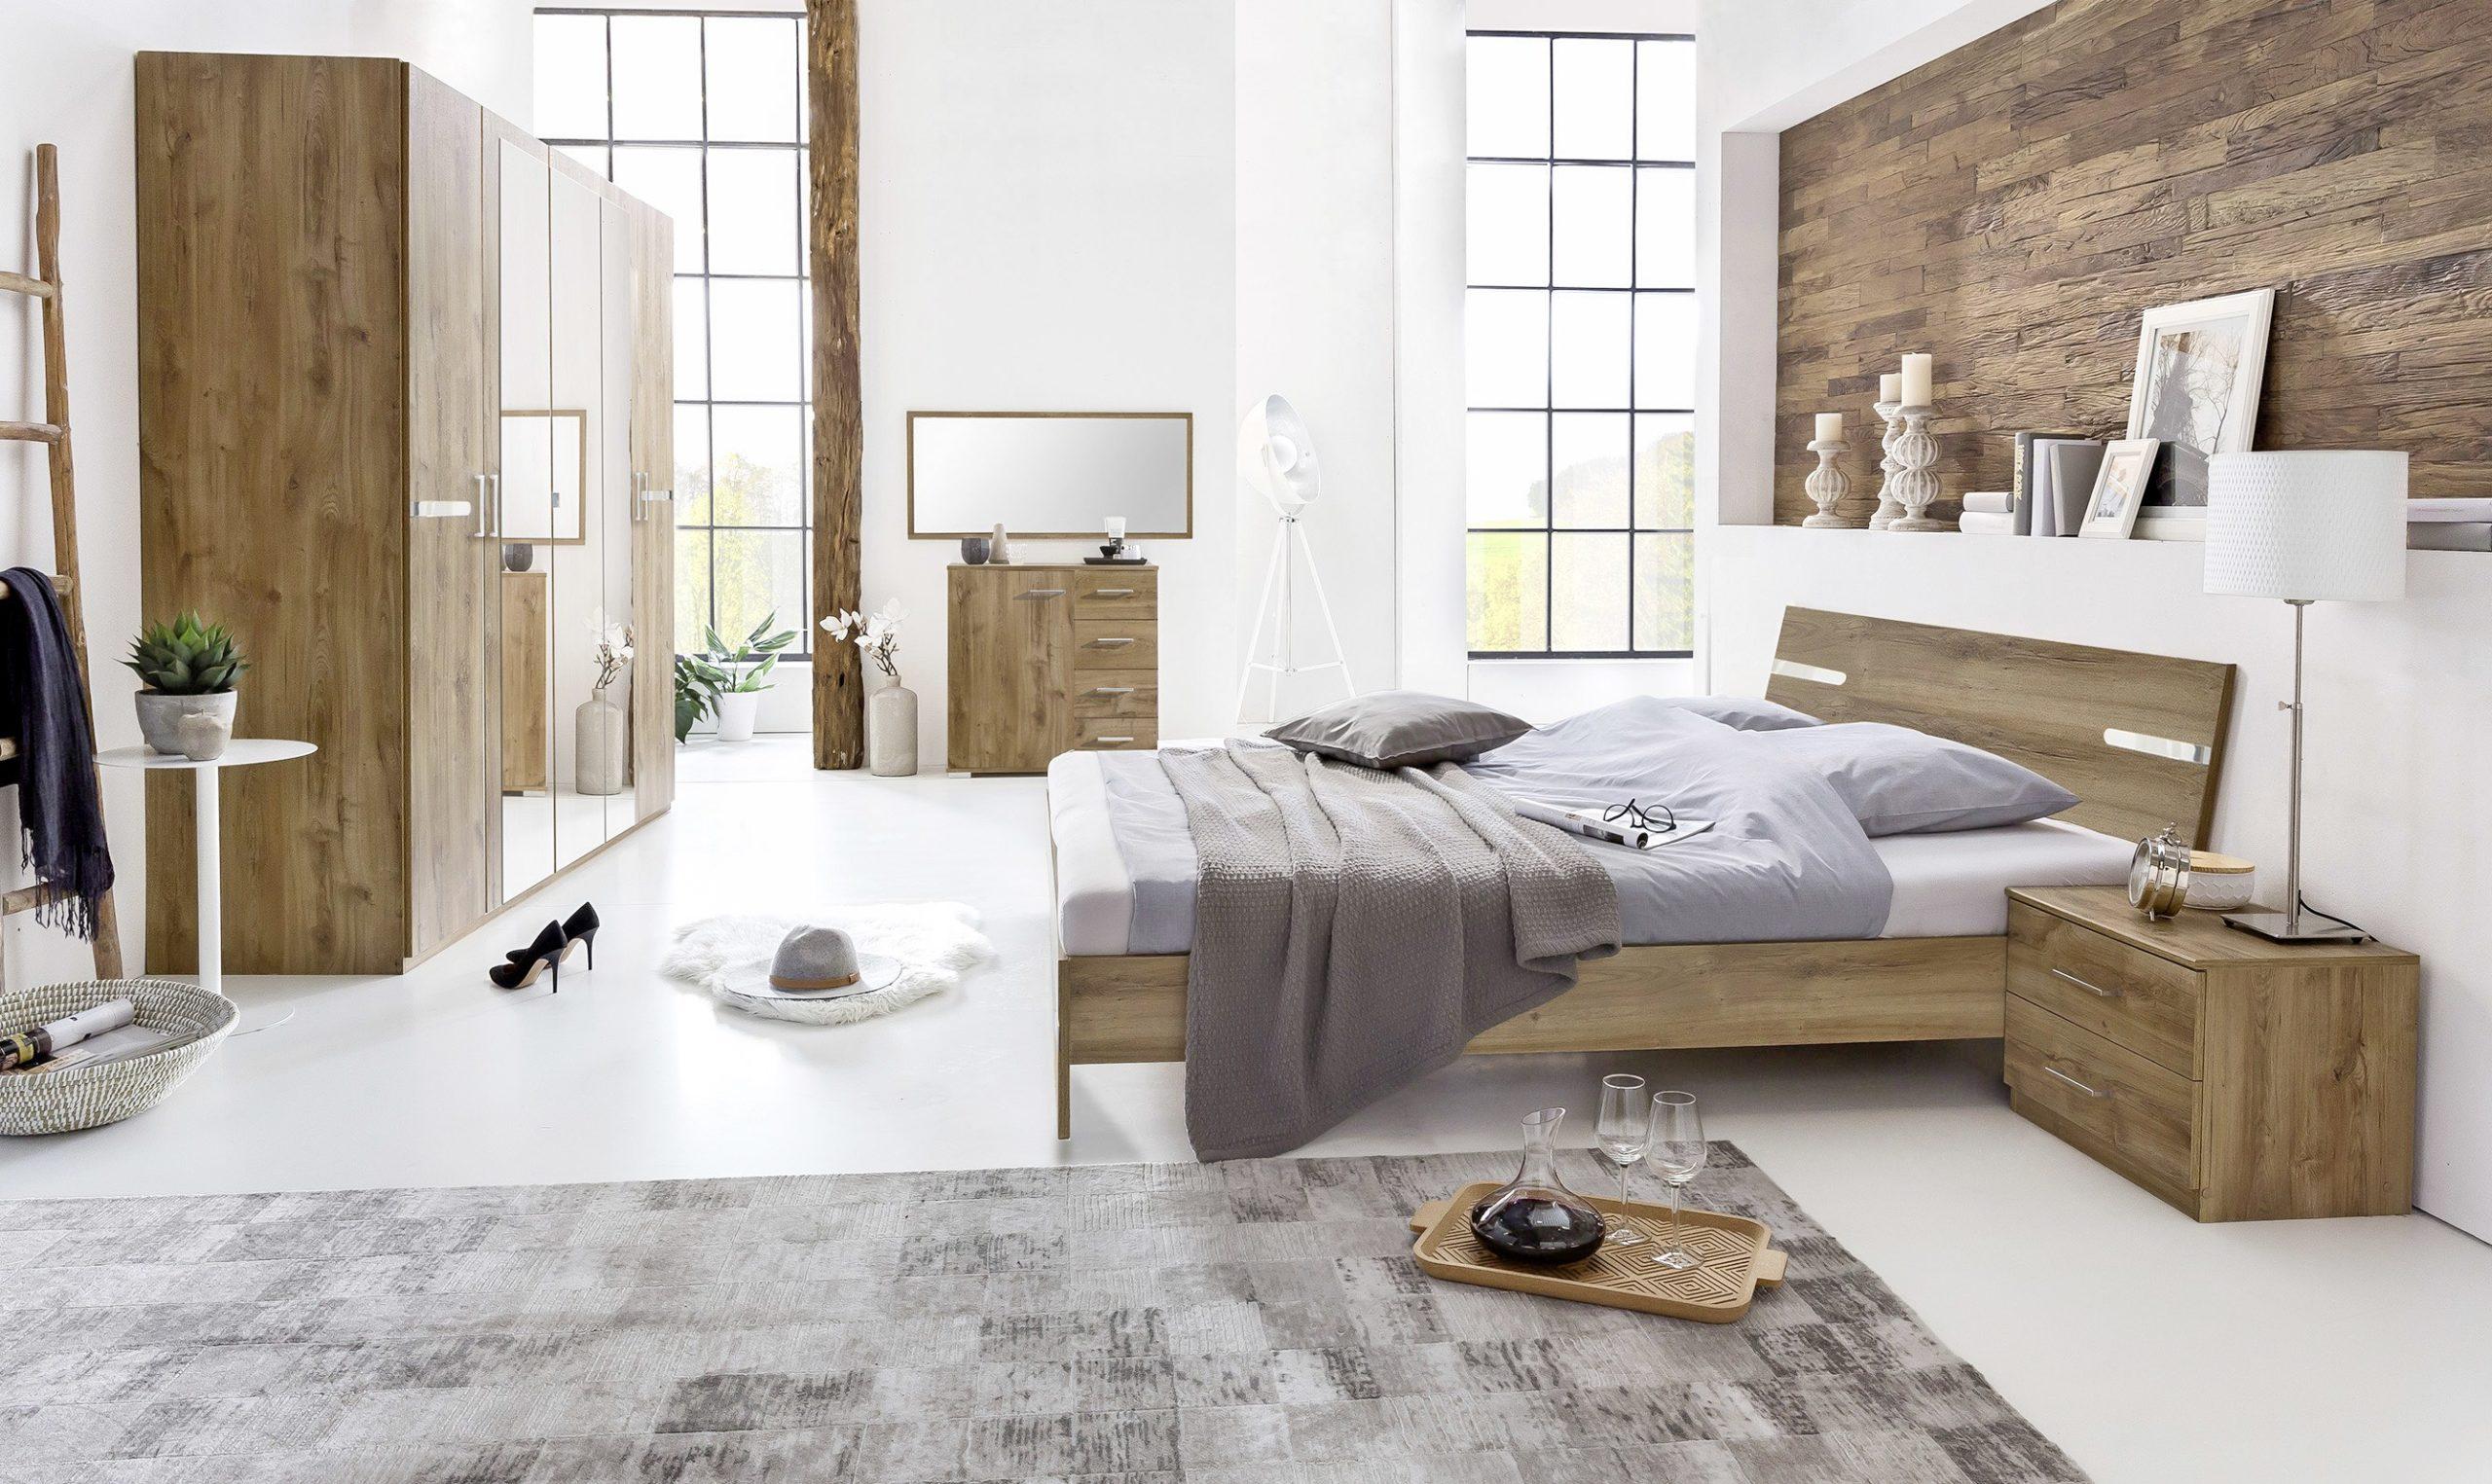 Ložnice světlá s dřevěným nábytkem